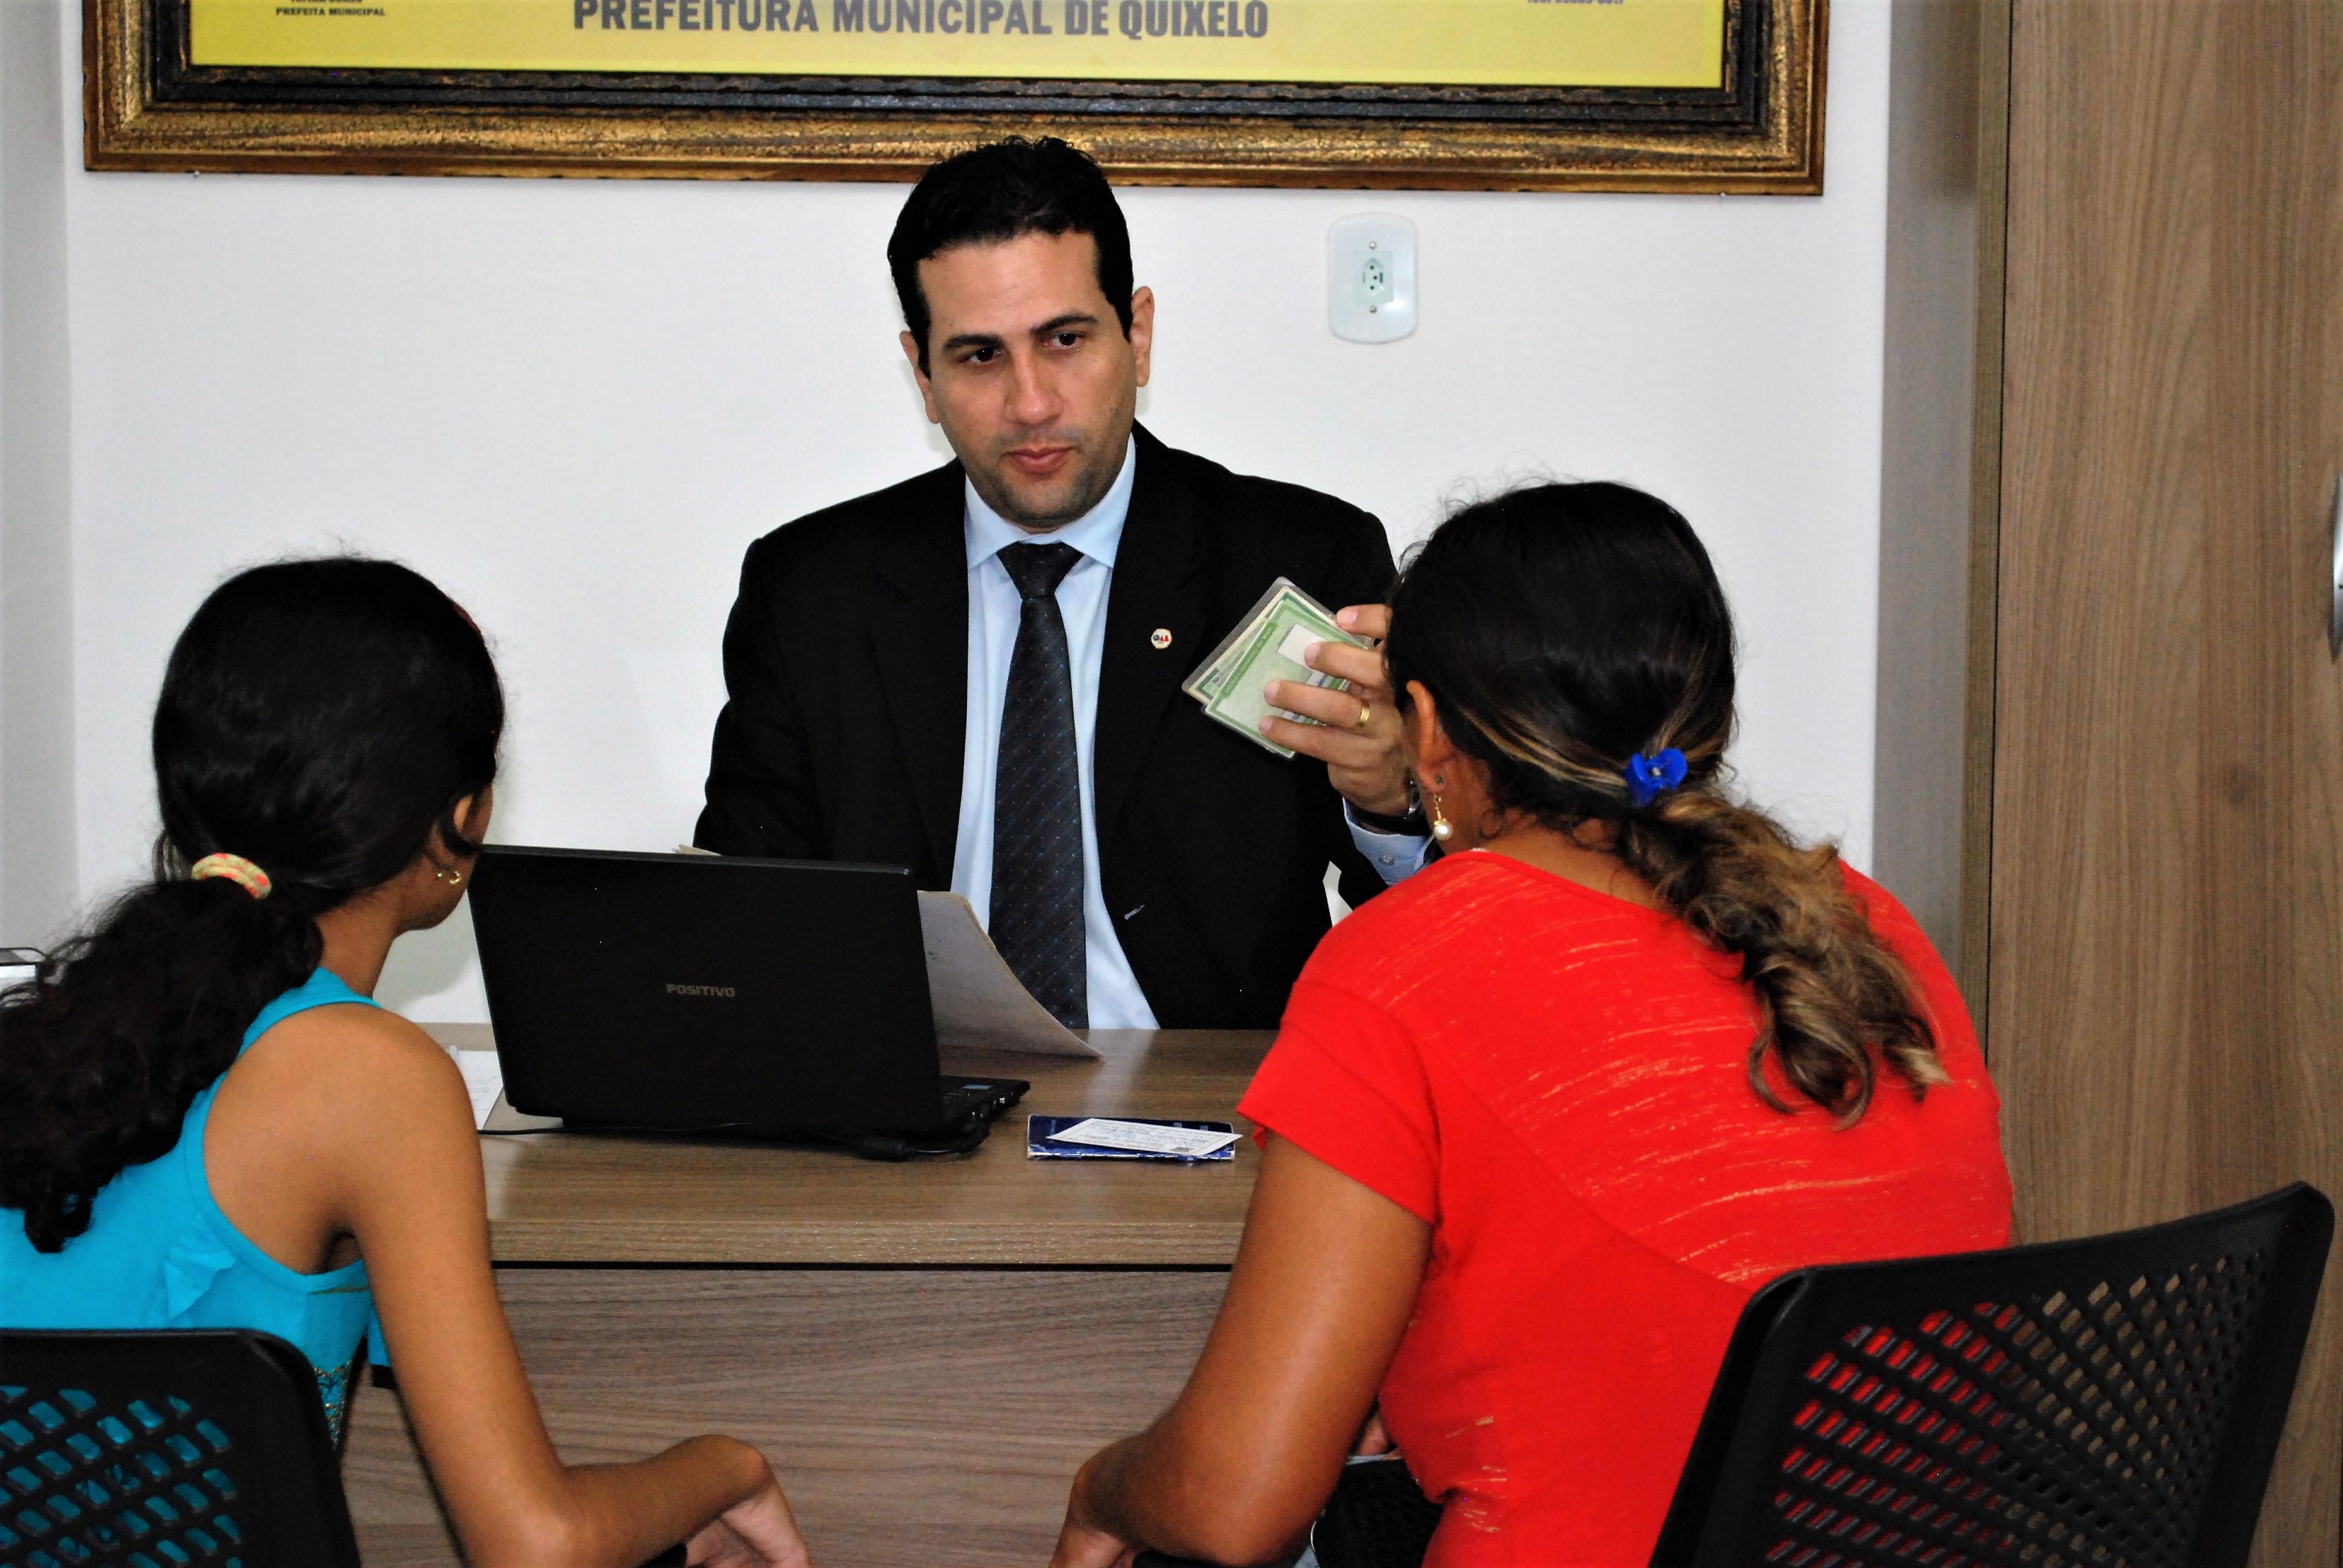 Procuradoria de Quixelô amplia atendimento ao público